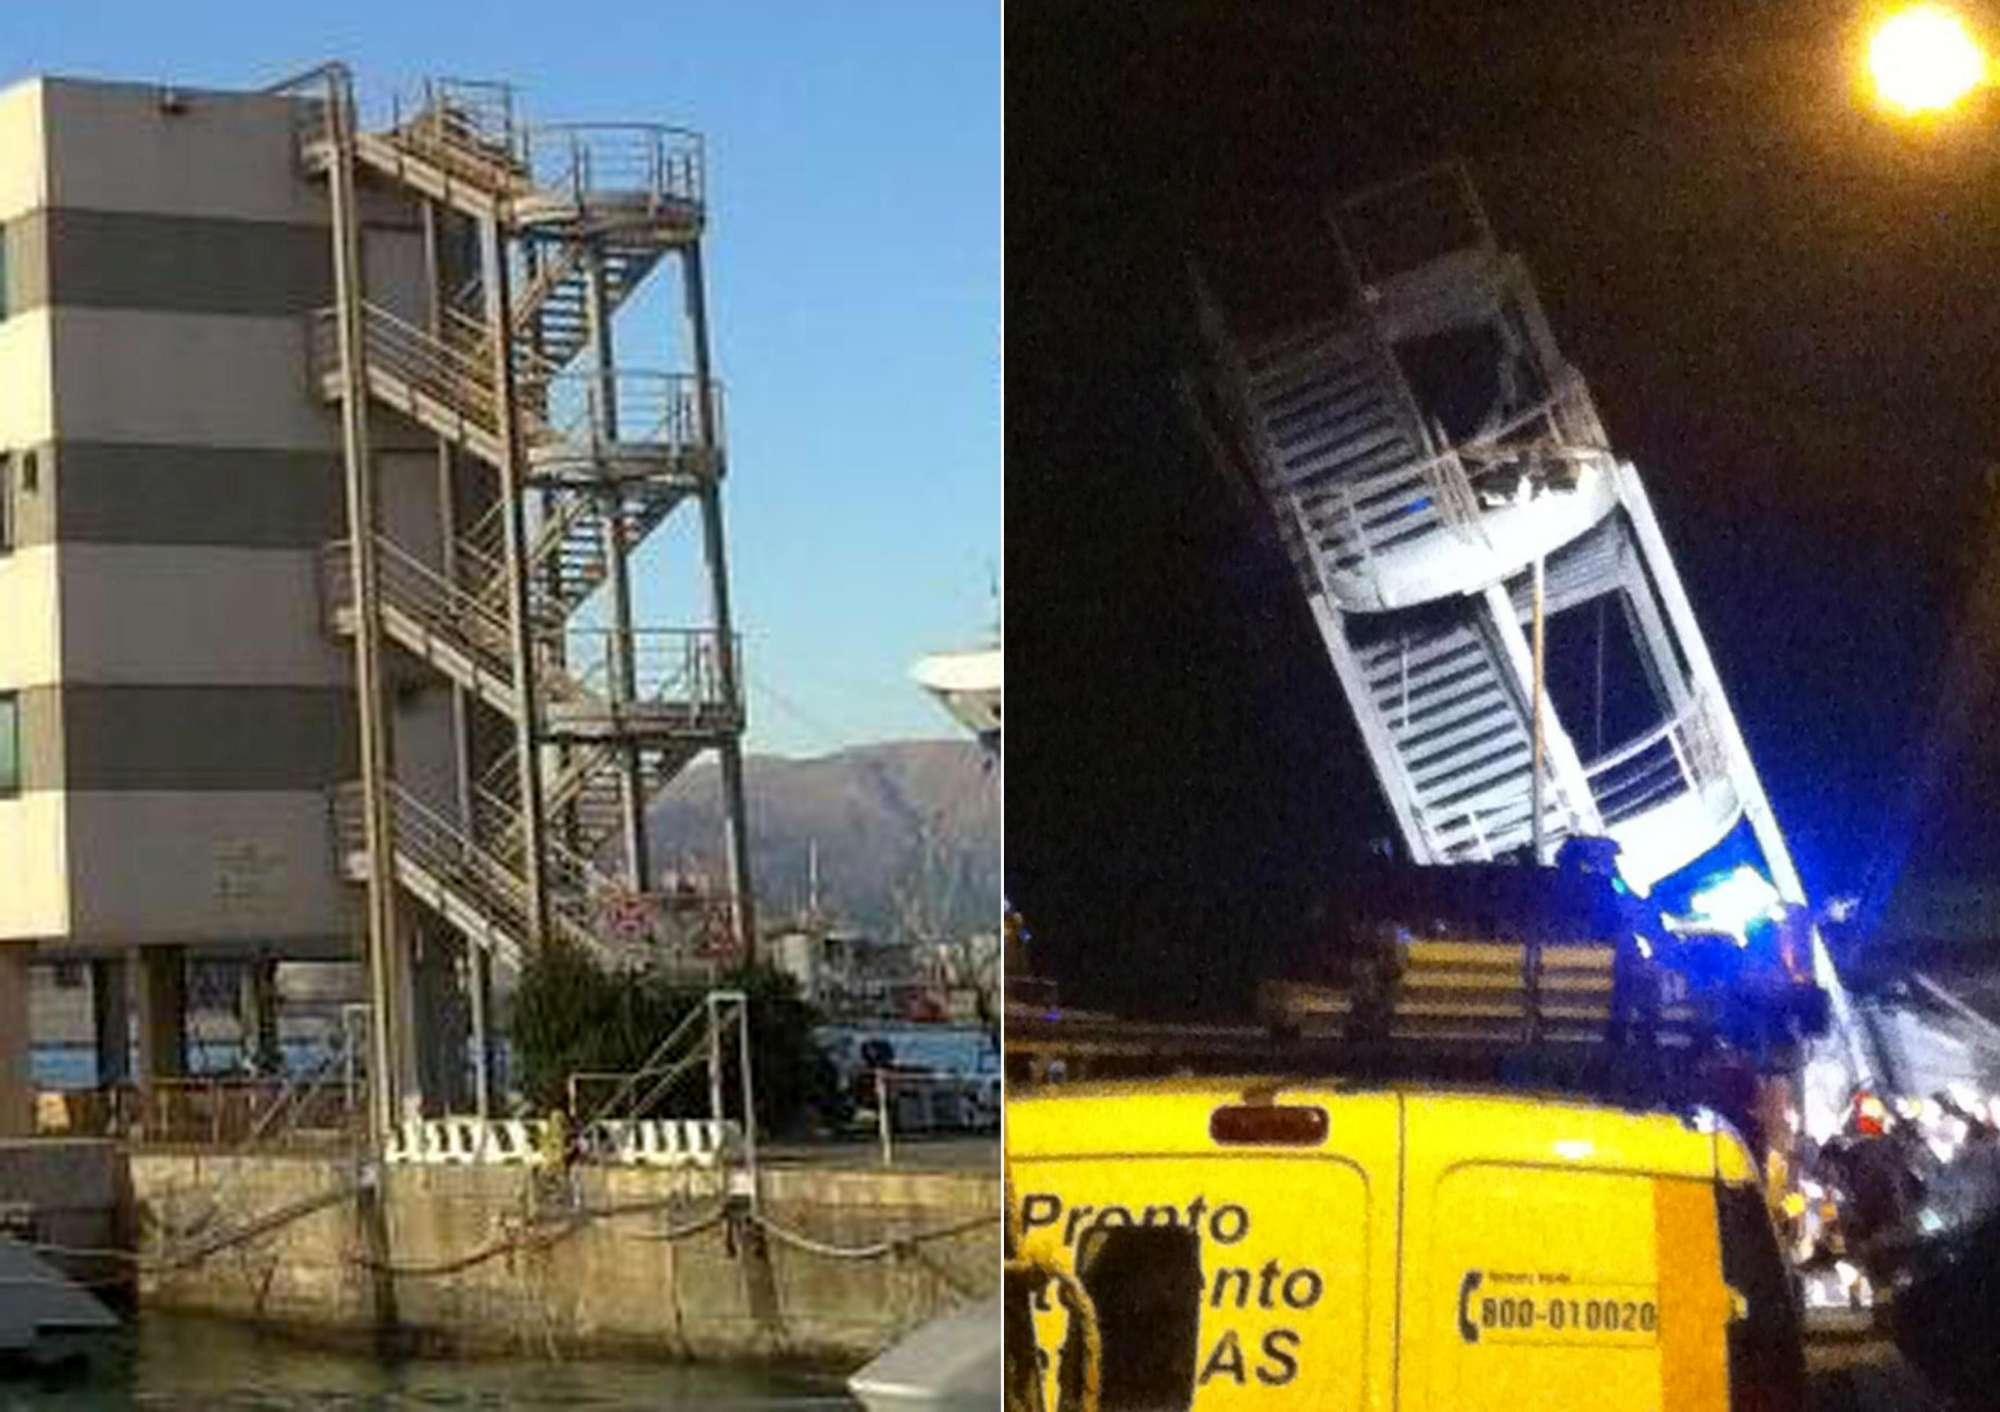 Il crollo della torre, le vittime e il dolore dei famliari